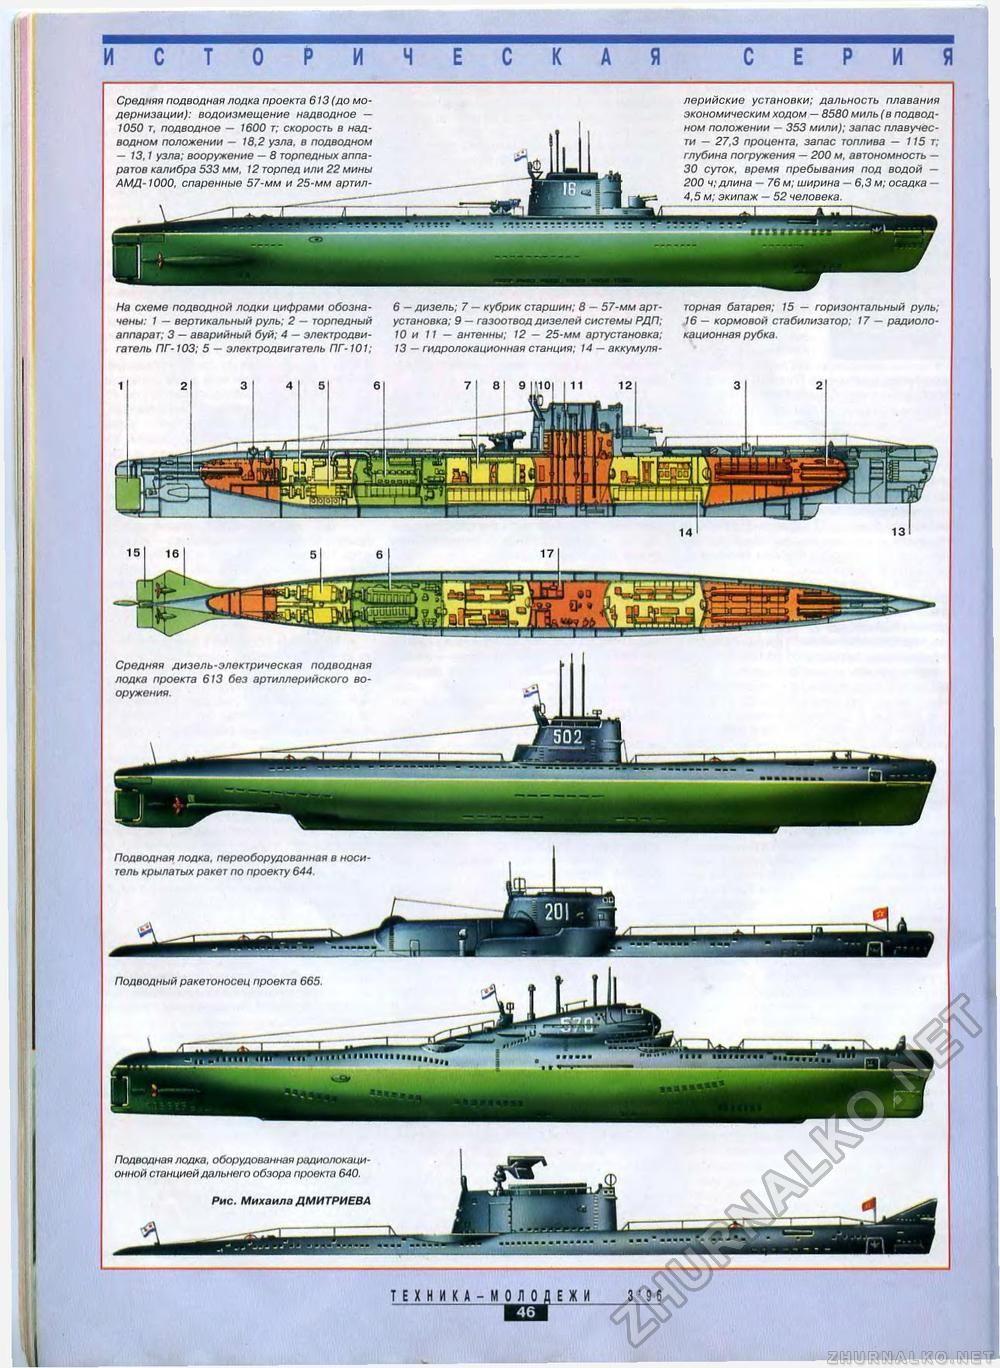 Tehnika Molodyozhi 1996 03 Stranica 48 Atomnaya Podvodnaya Lodka Podvodnye Lodki Korabl